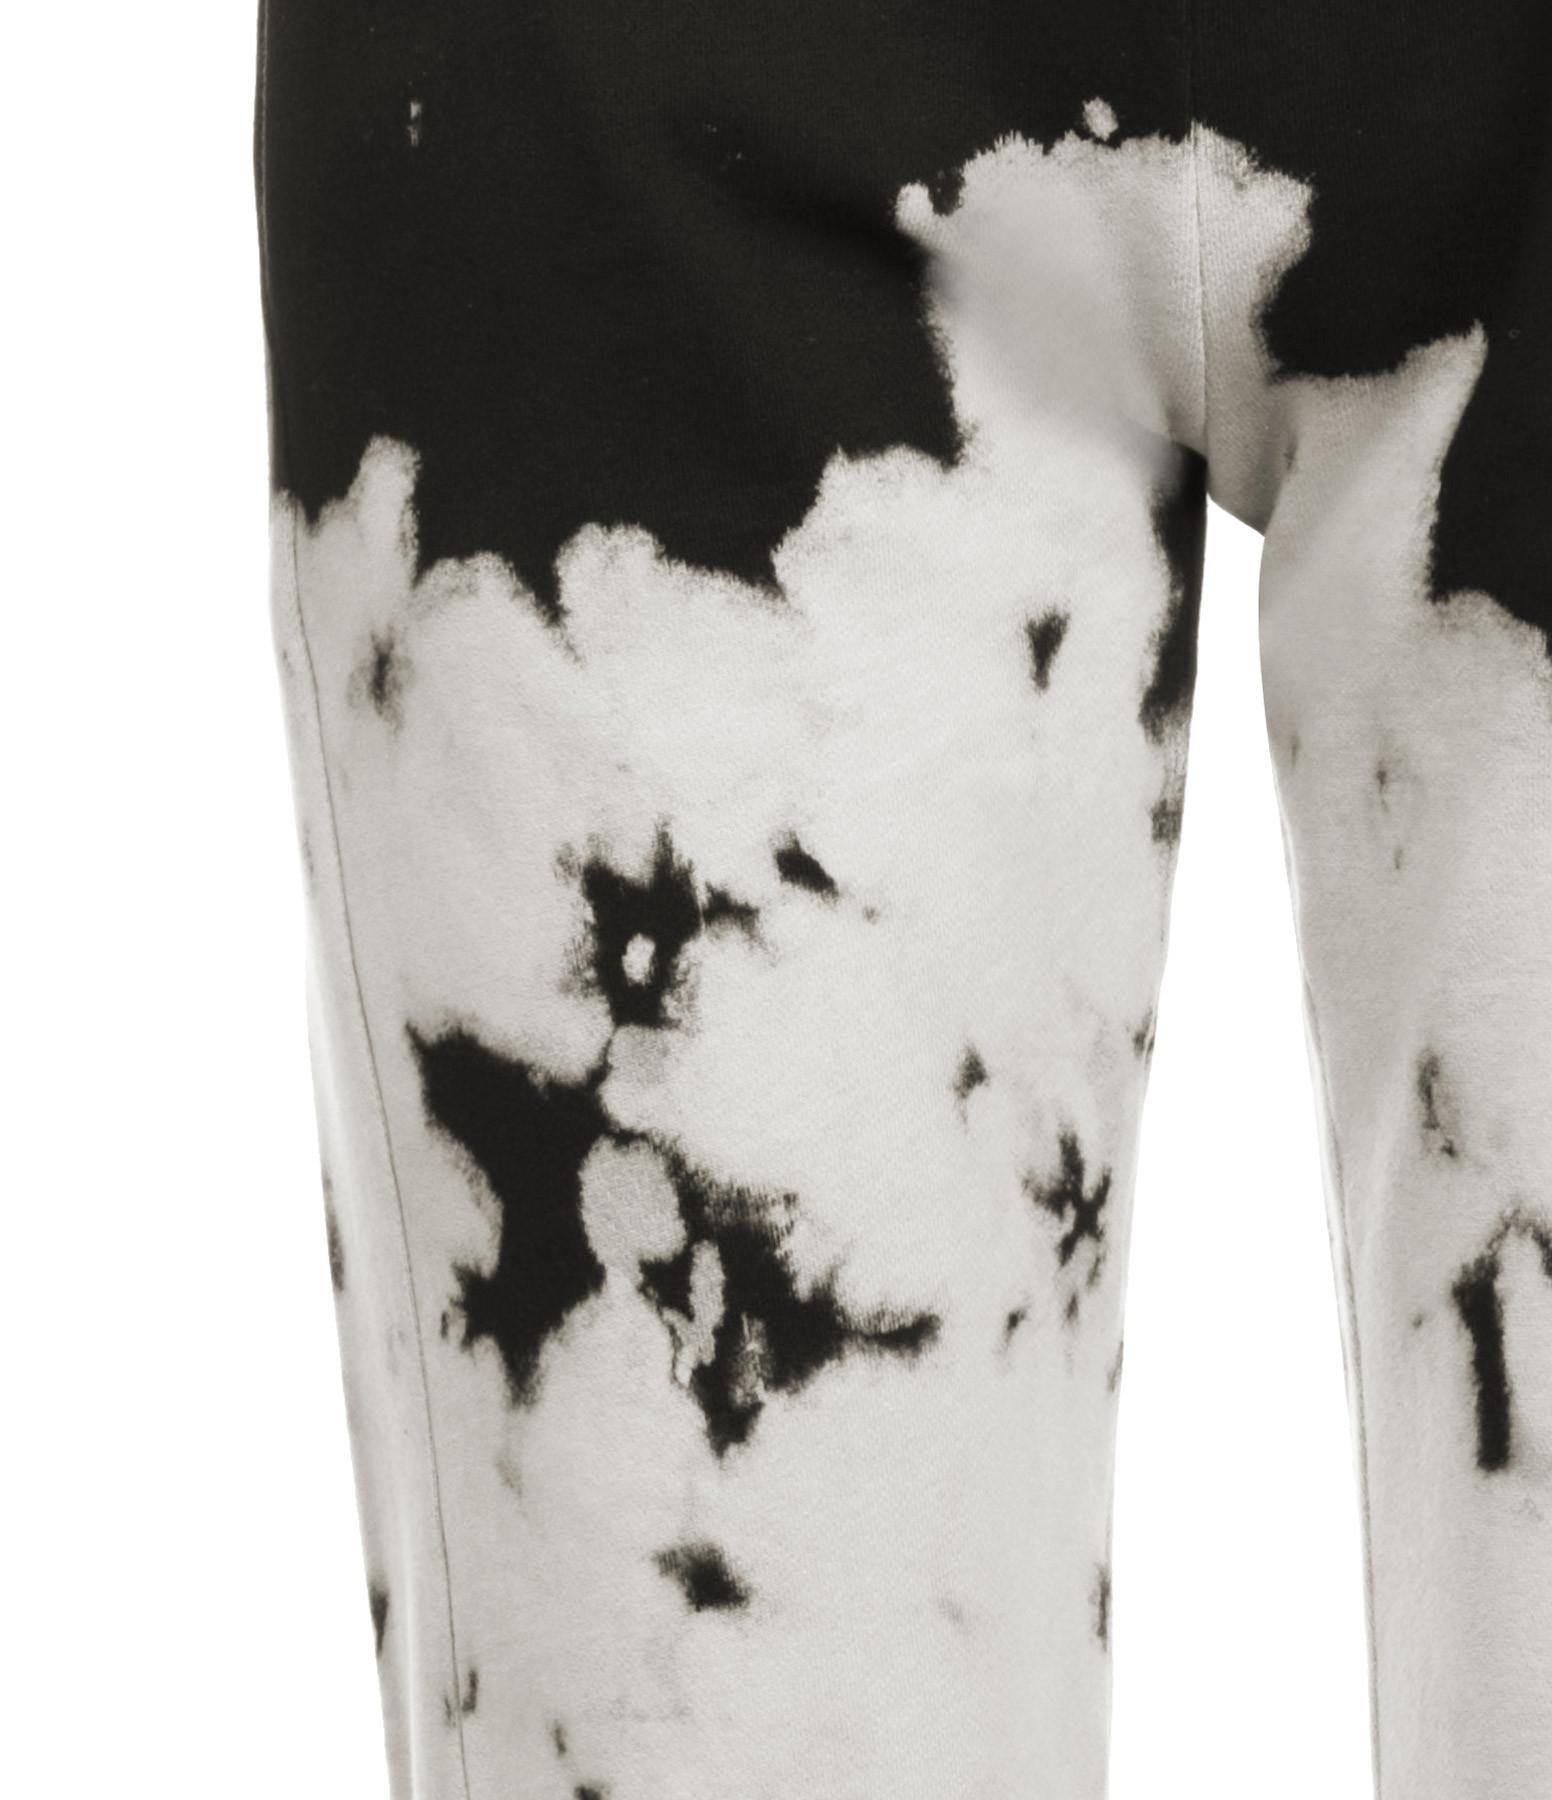 JEANNE VOULAND - Jogging Fallon Coton Tie and Dye Noir Blanc